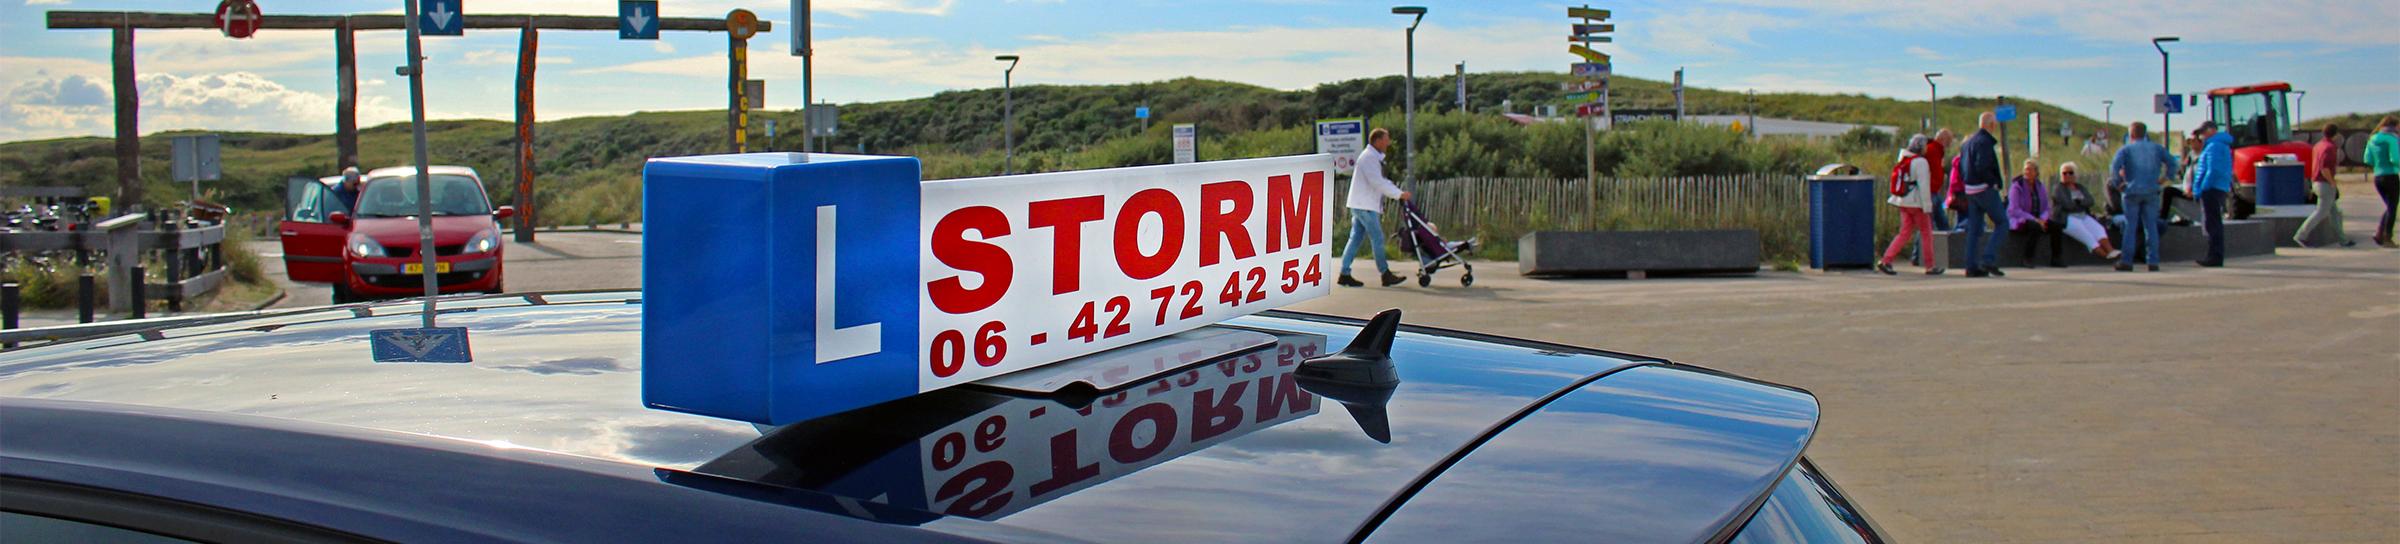 Storm-bord